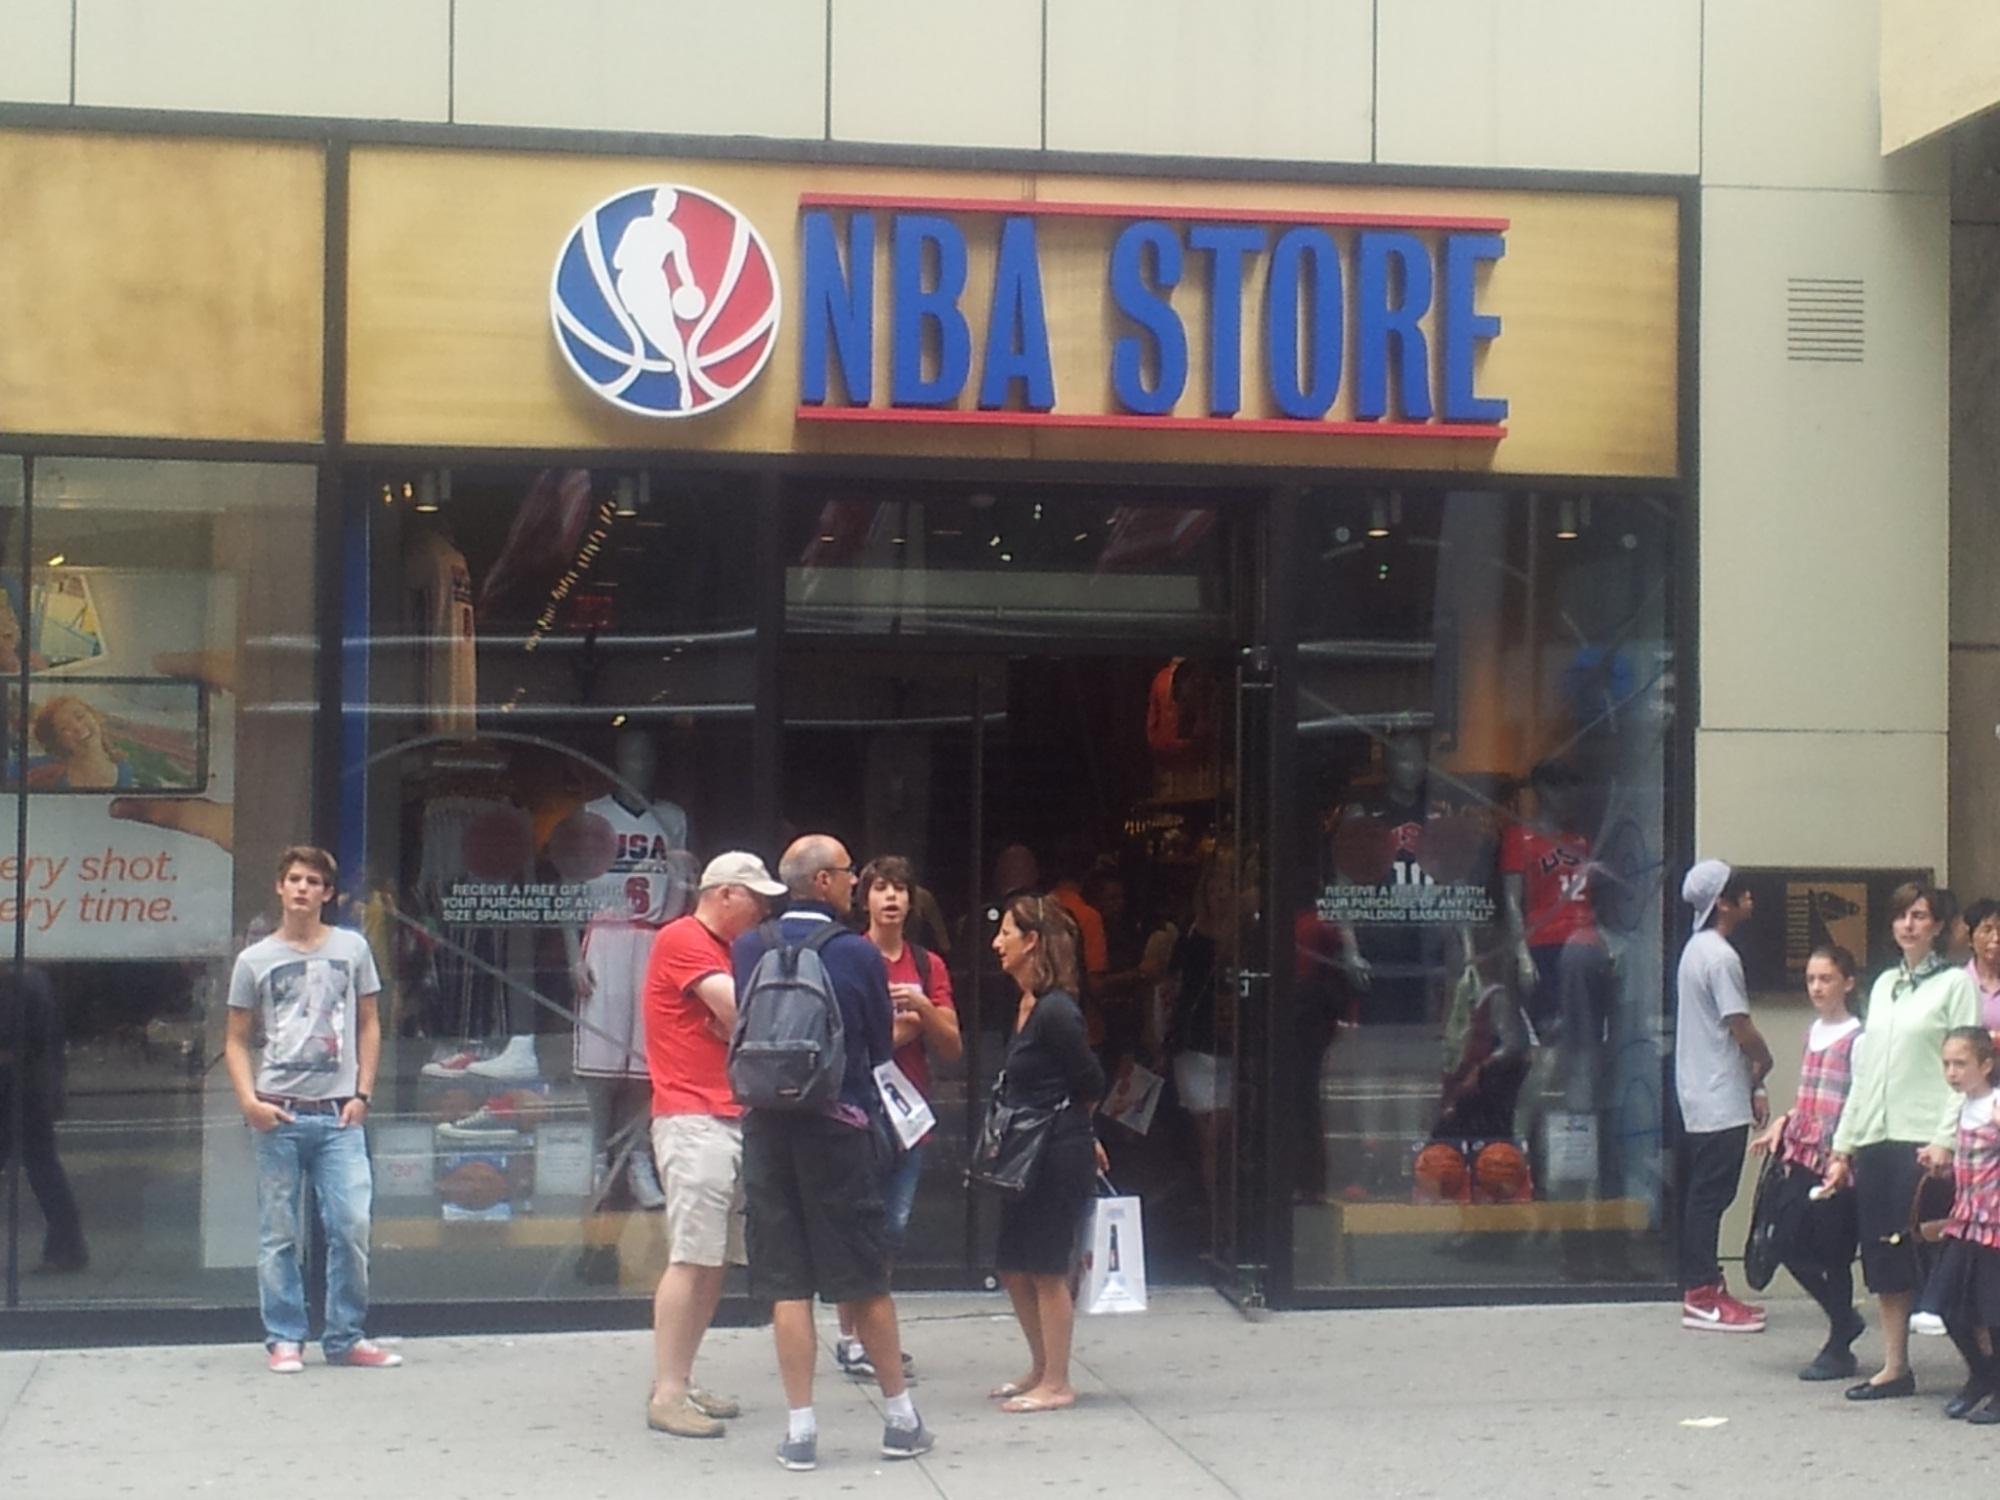 חנות ה NBA בעיקר מוצרים השייכים לליגה ופחות לכדורסל.